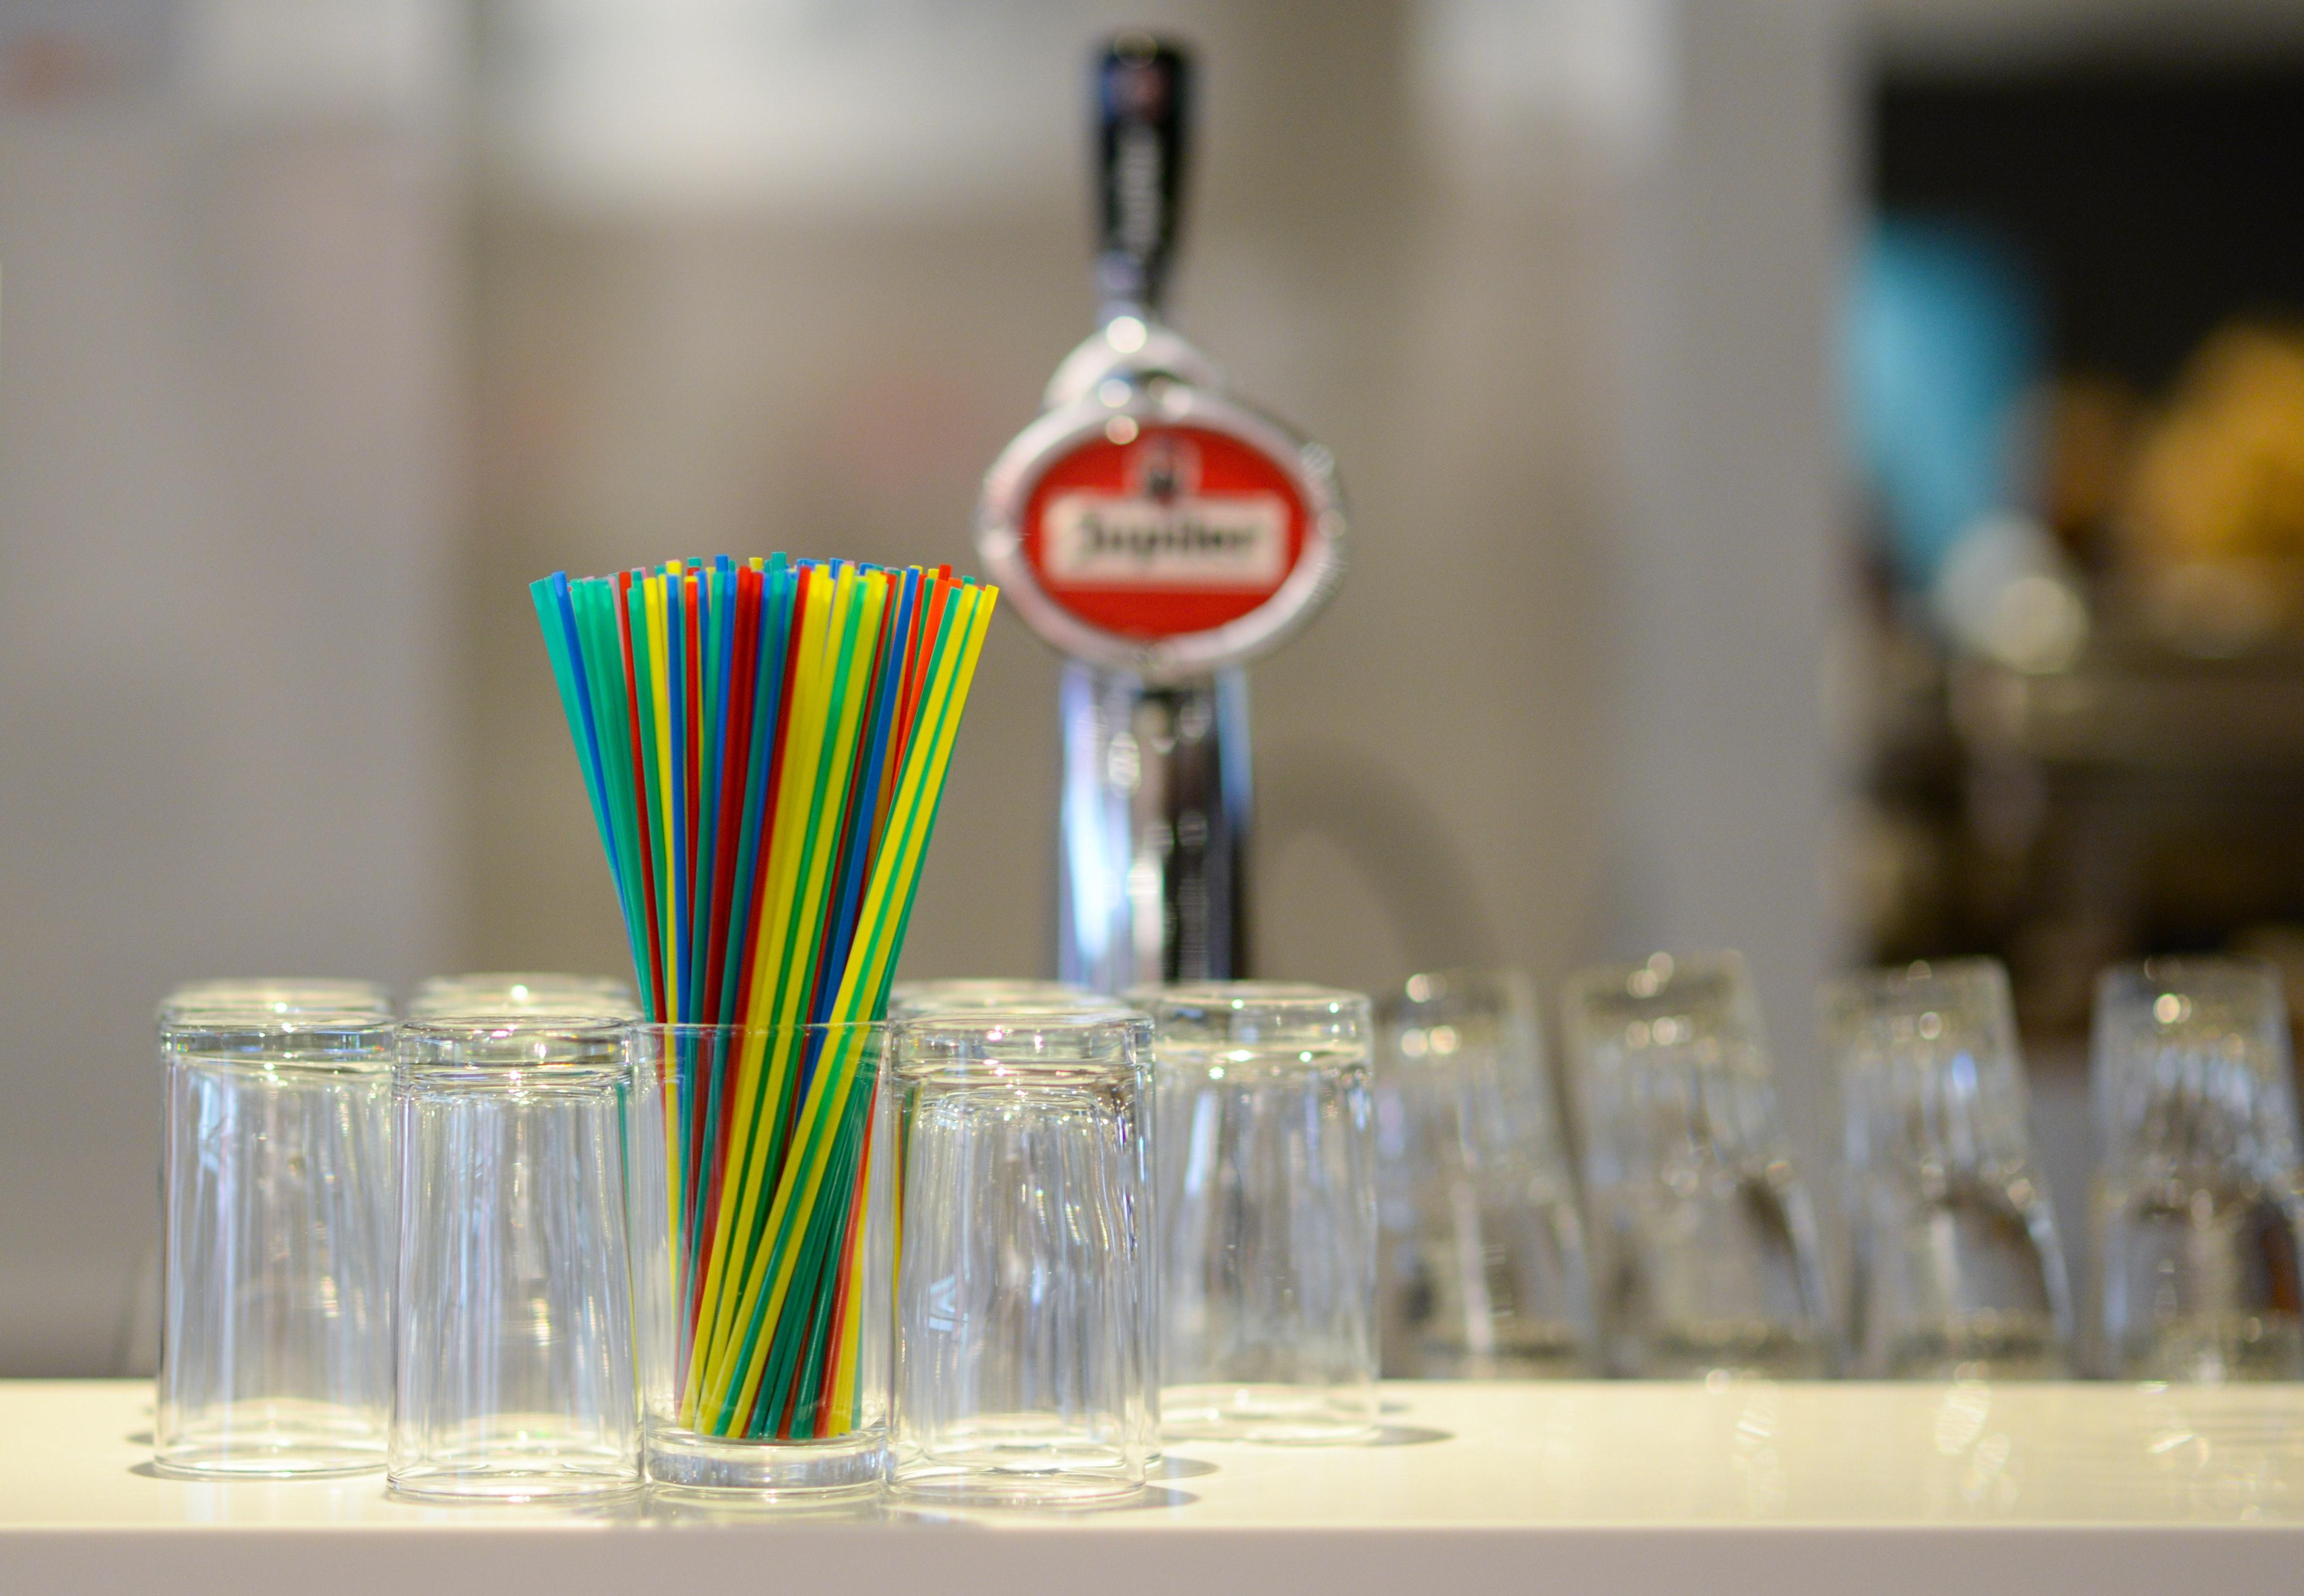 e9fe9dedb915 Bar uklarhet uskarp bakgrunn glass elementer briller innendørs rustfritt  stål sugerør bord avgiftsfrie bilder